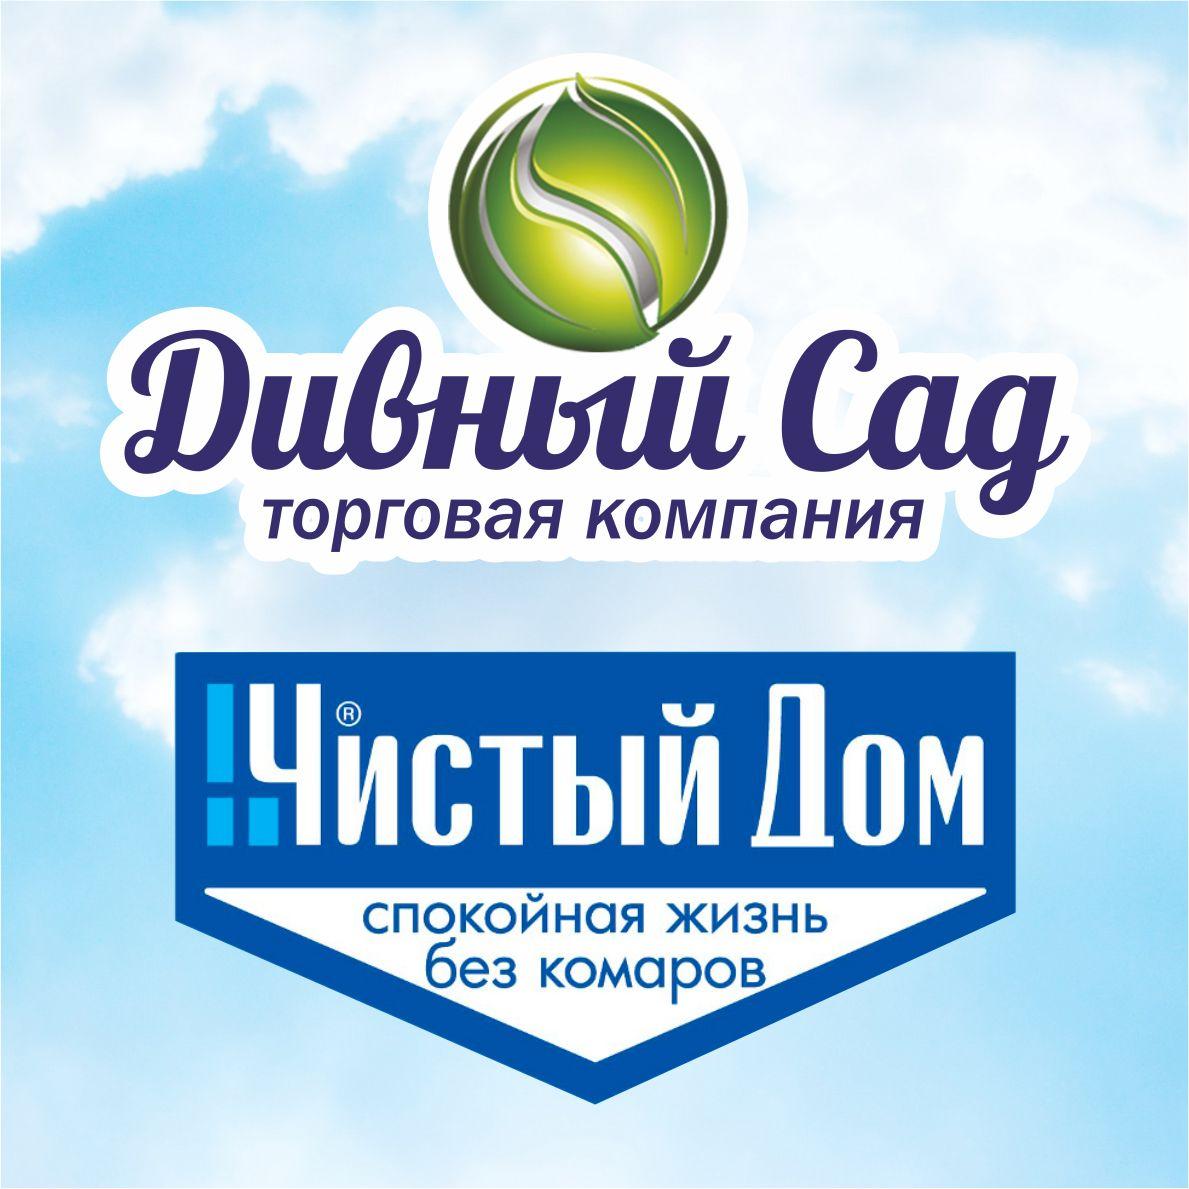 «Дивный сад» — официальный дистрибьютор бытовой химии ТМ Чистый дом